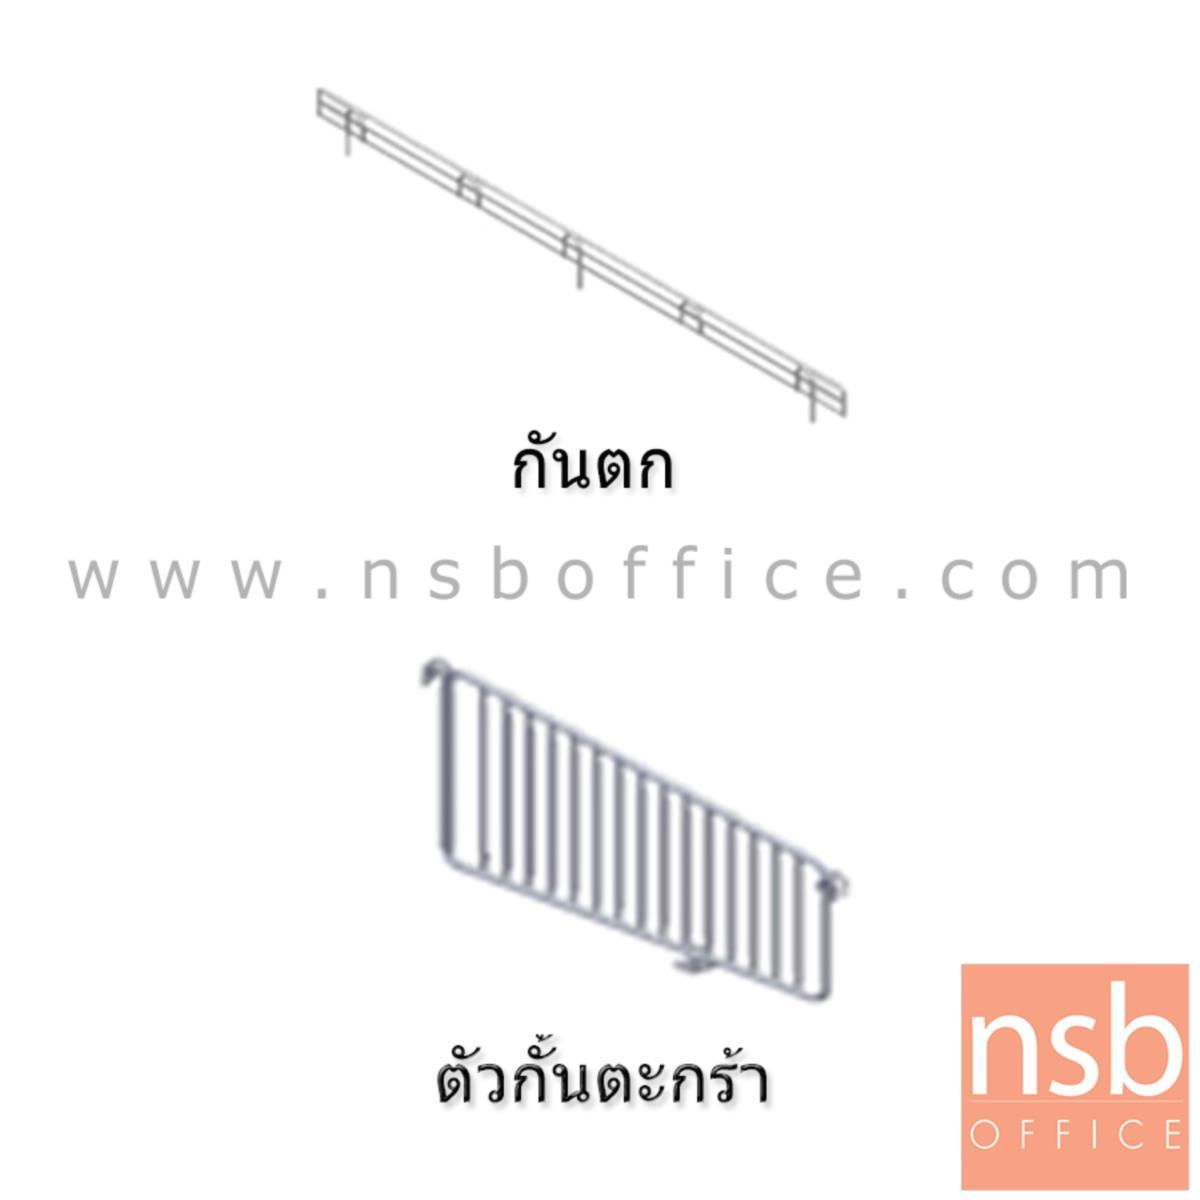 ชั้นวางสินค้า 1 หน้าหลังพัลชิ่งแบบตะกร้า รุ่น FIERCE (เฟียร์ซ) 40D cm.